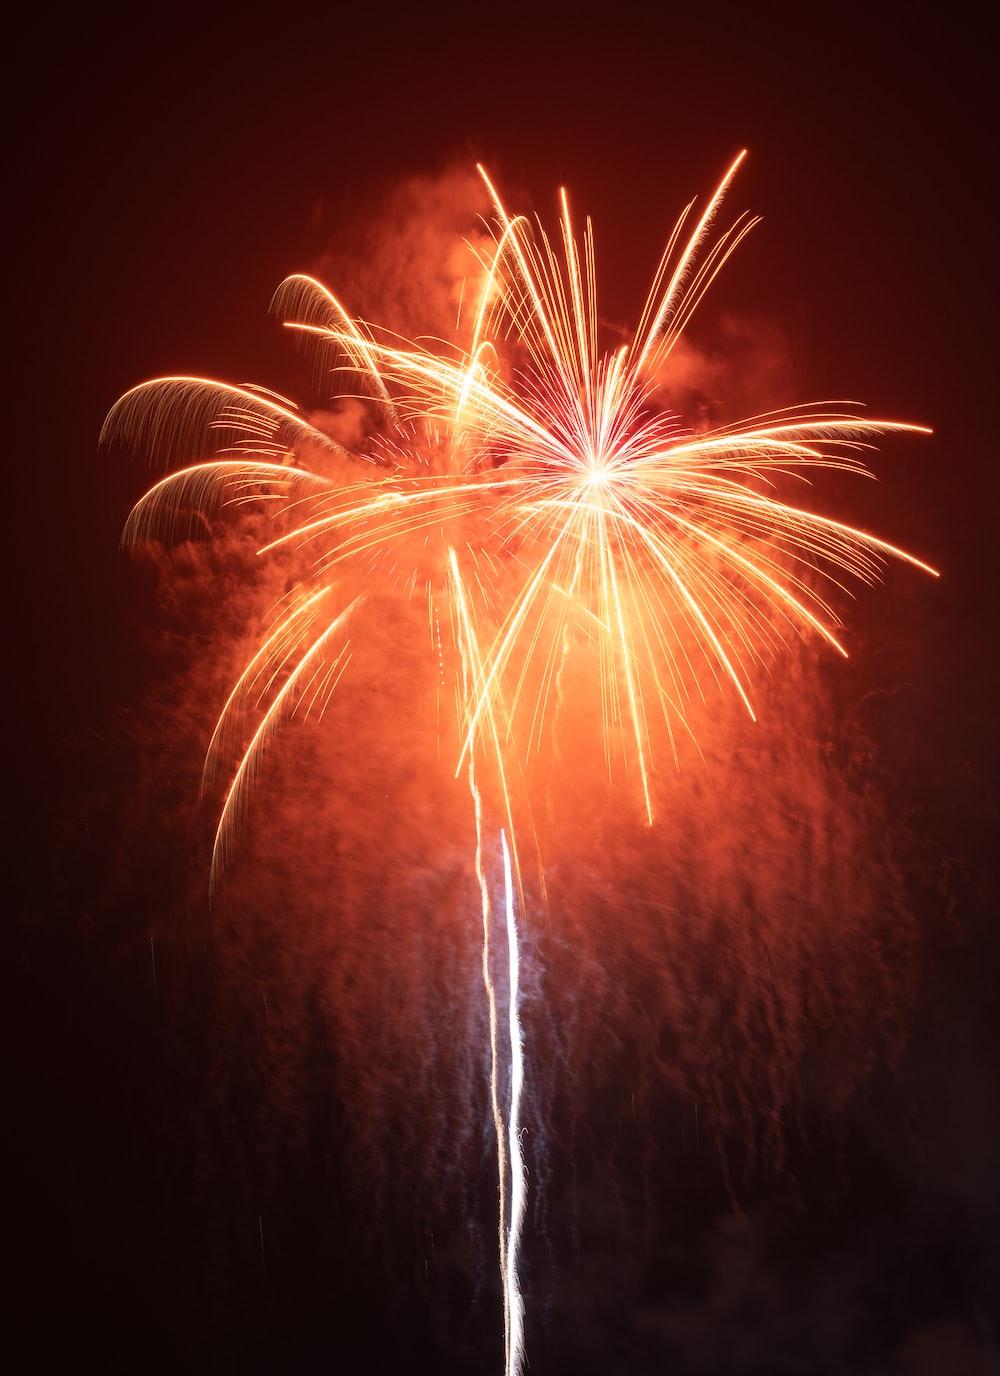 firecracker during nighttime clip art